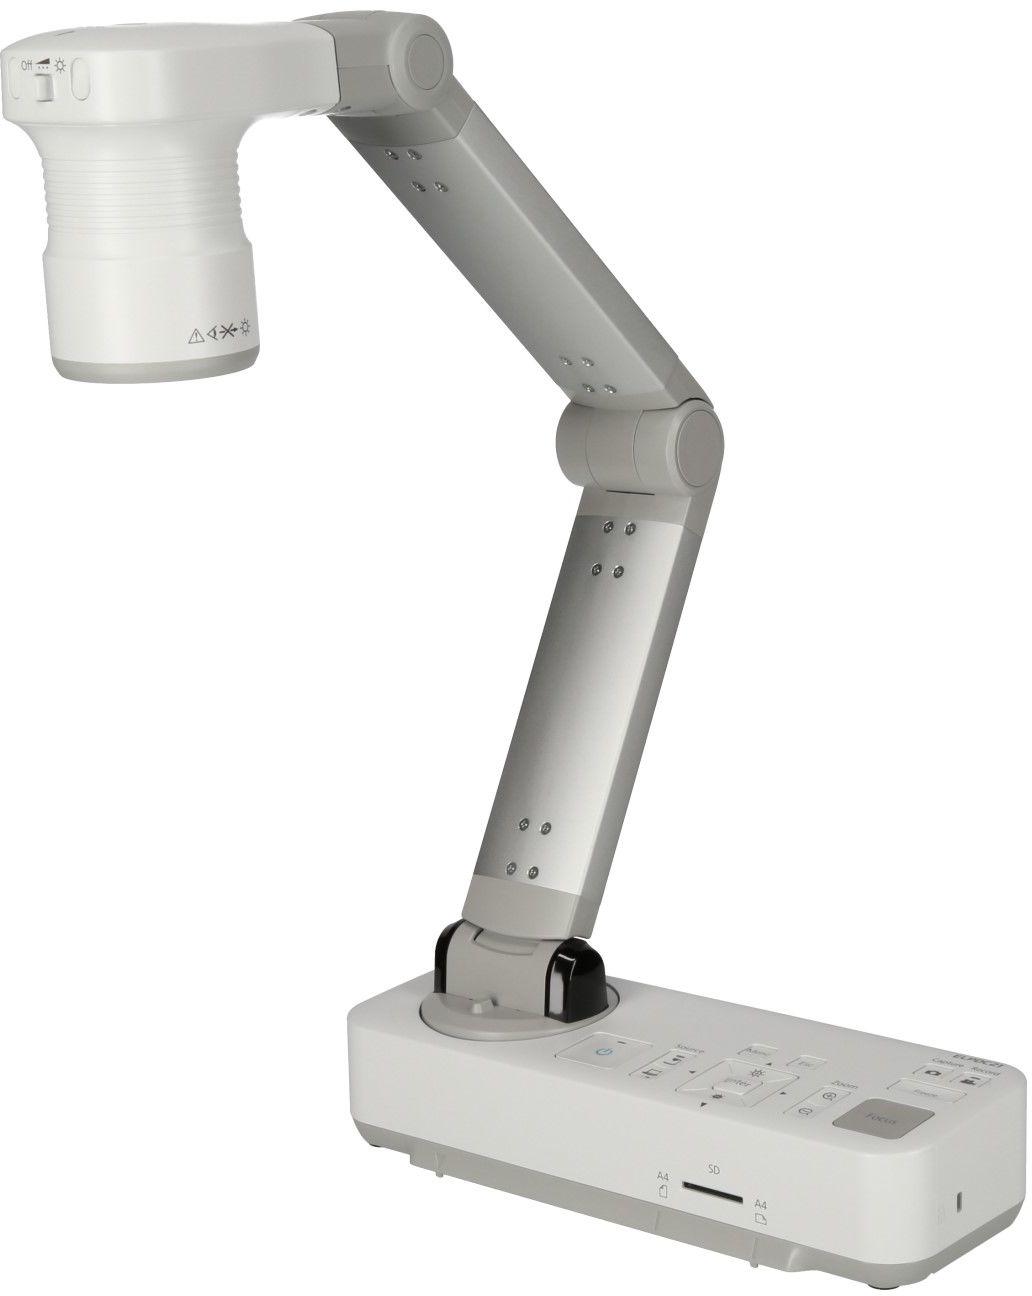 Epson ELPDC21 wizualizer 1080p 30fps